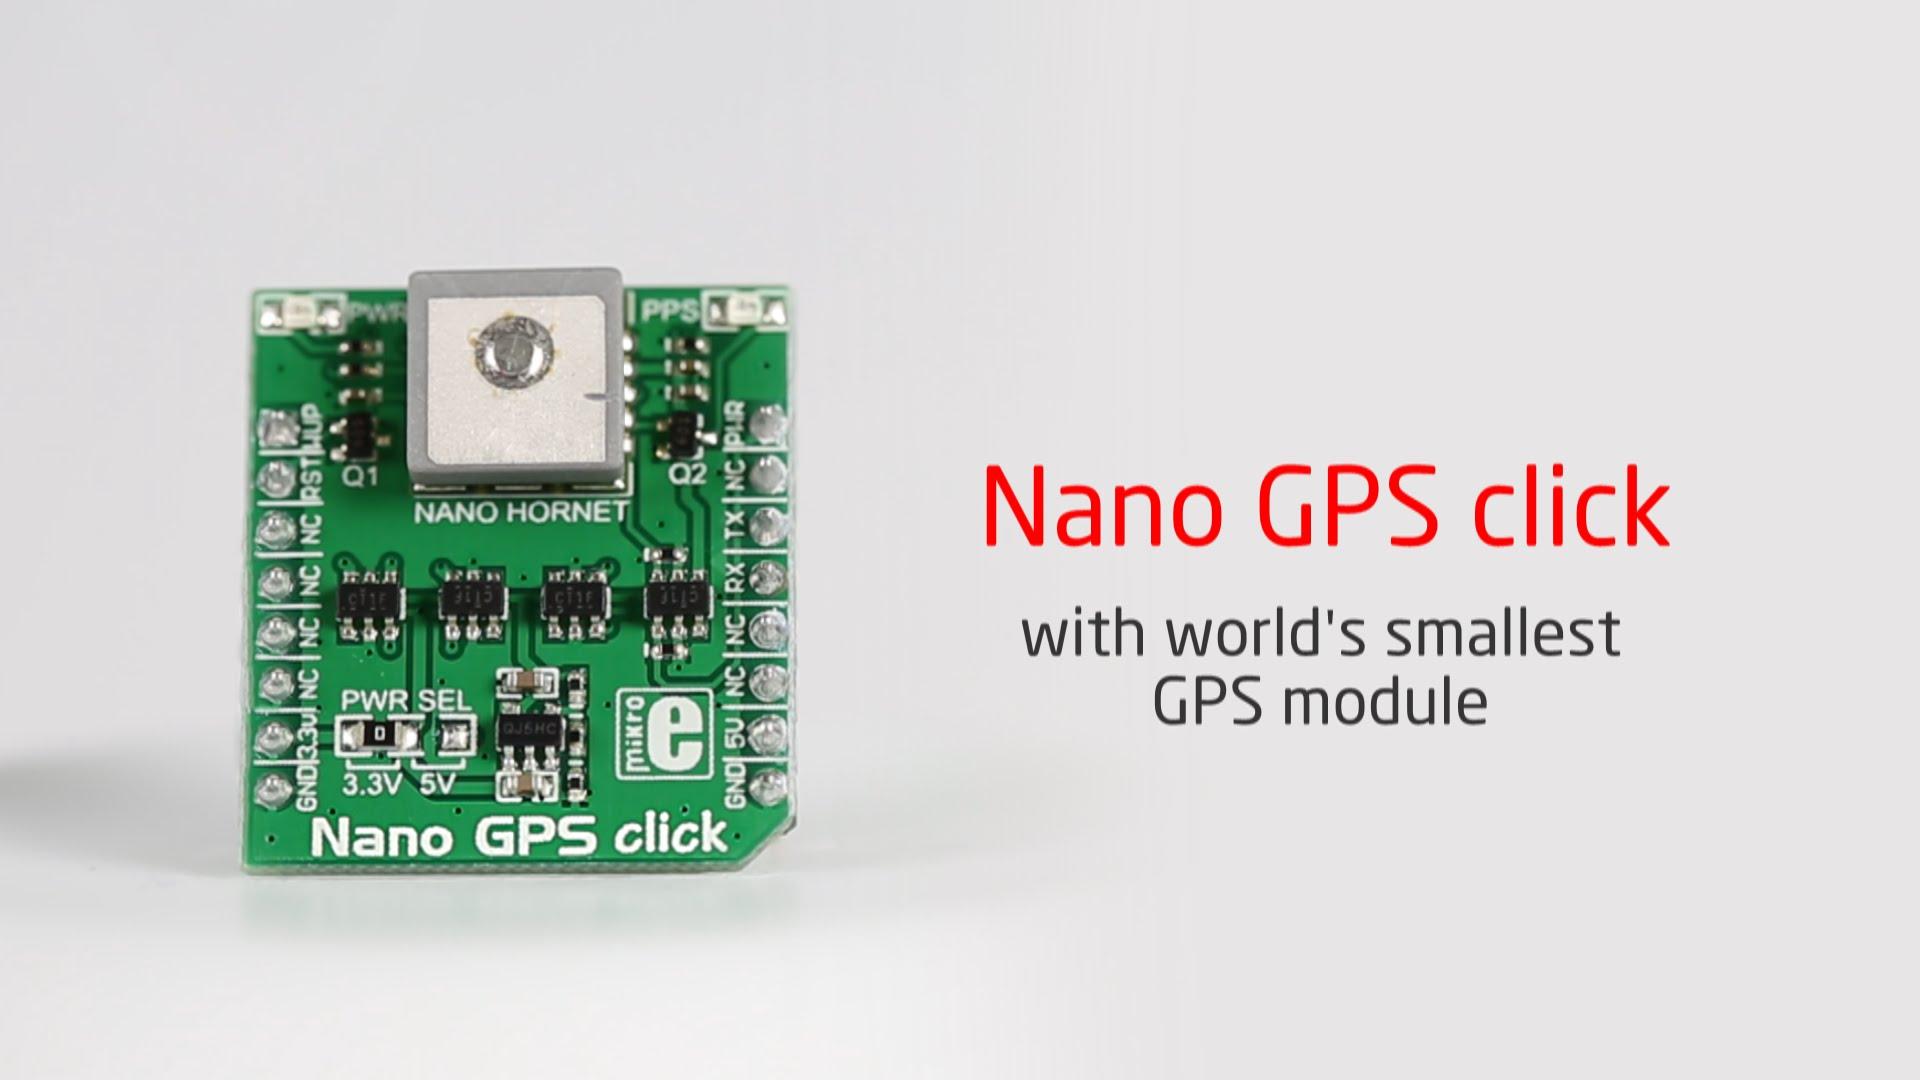 Nano GPS click released